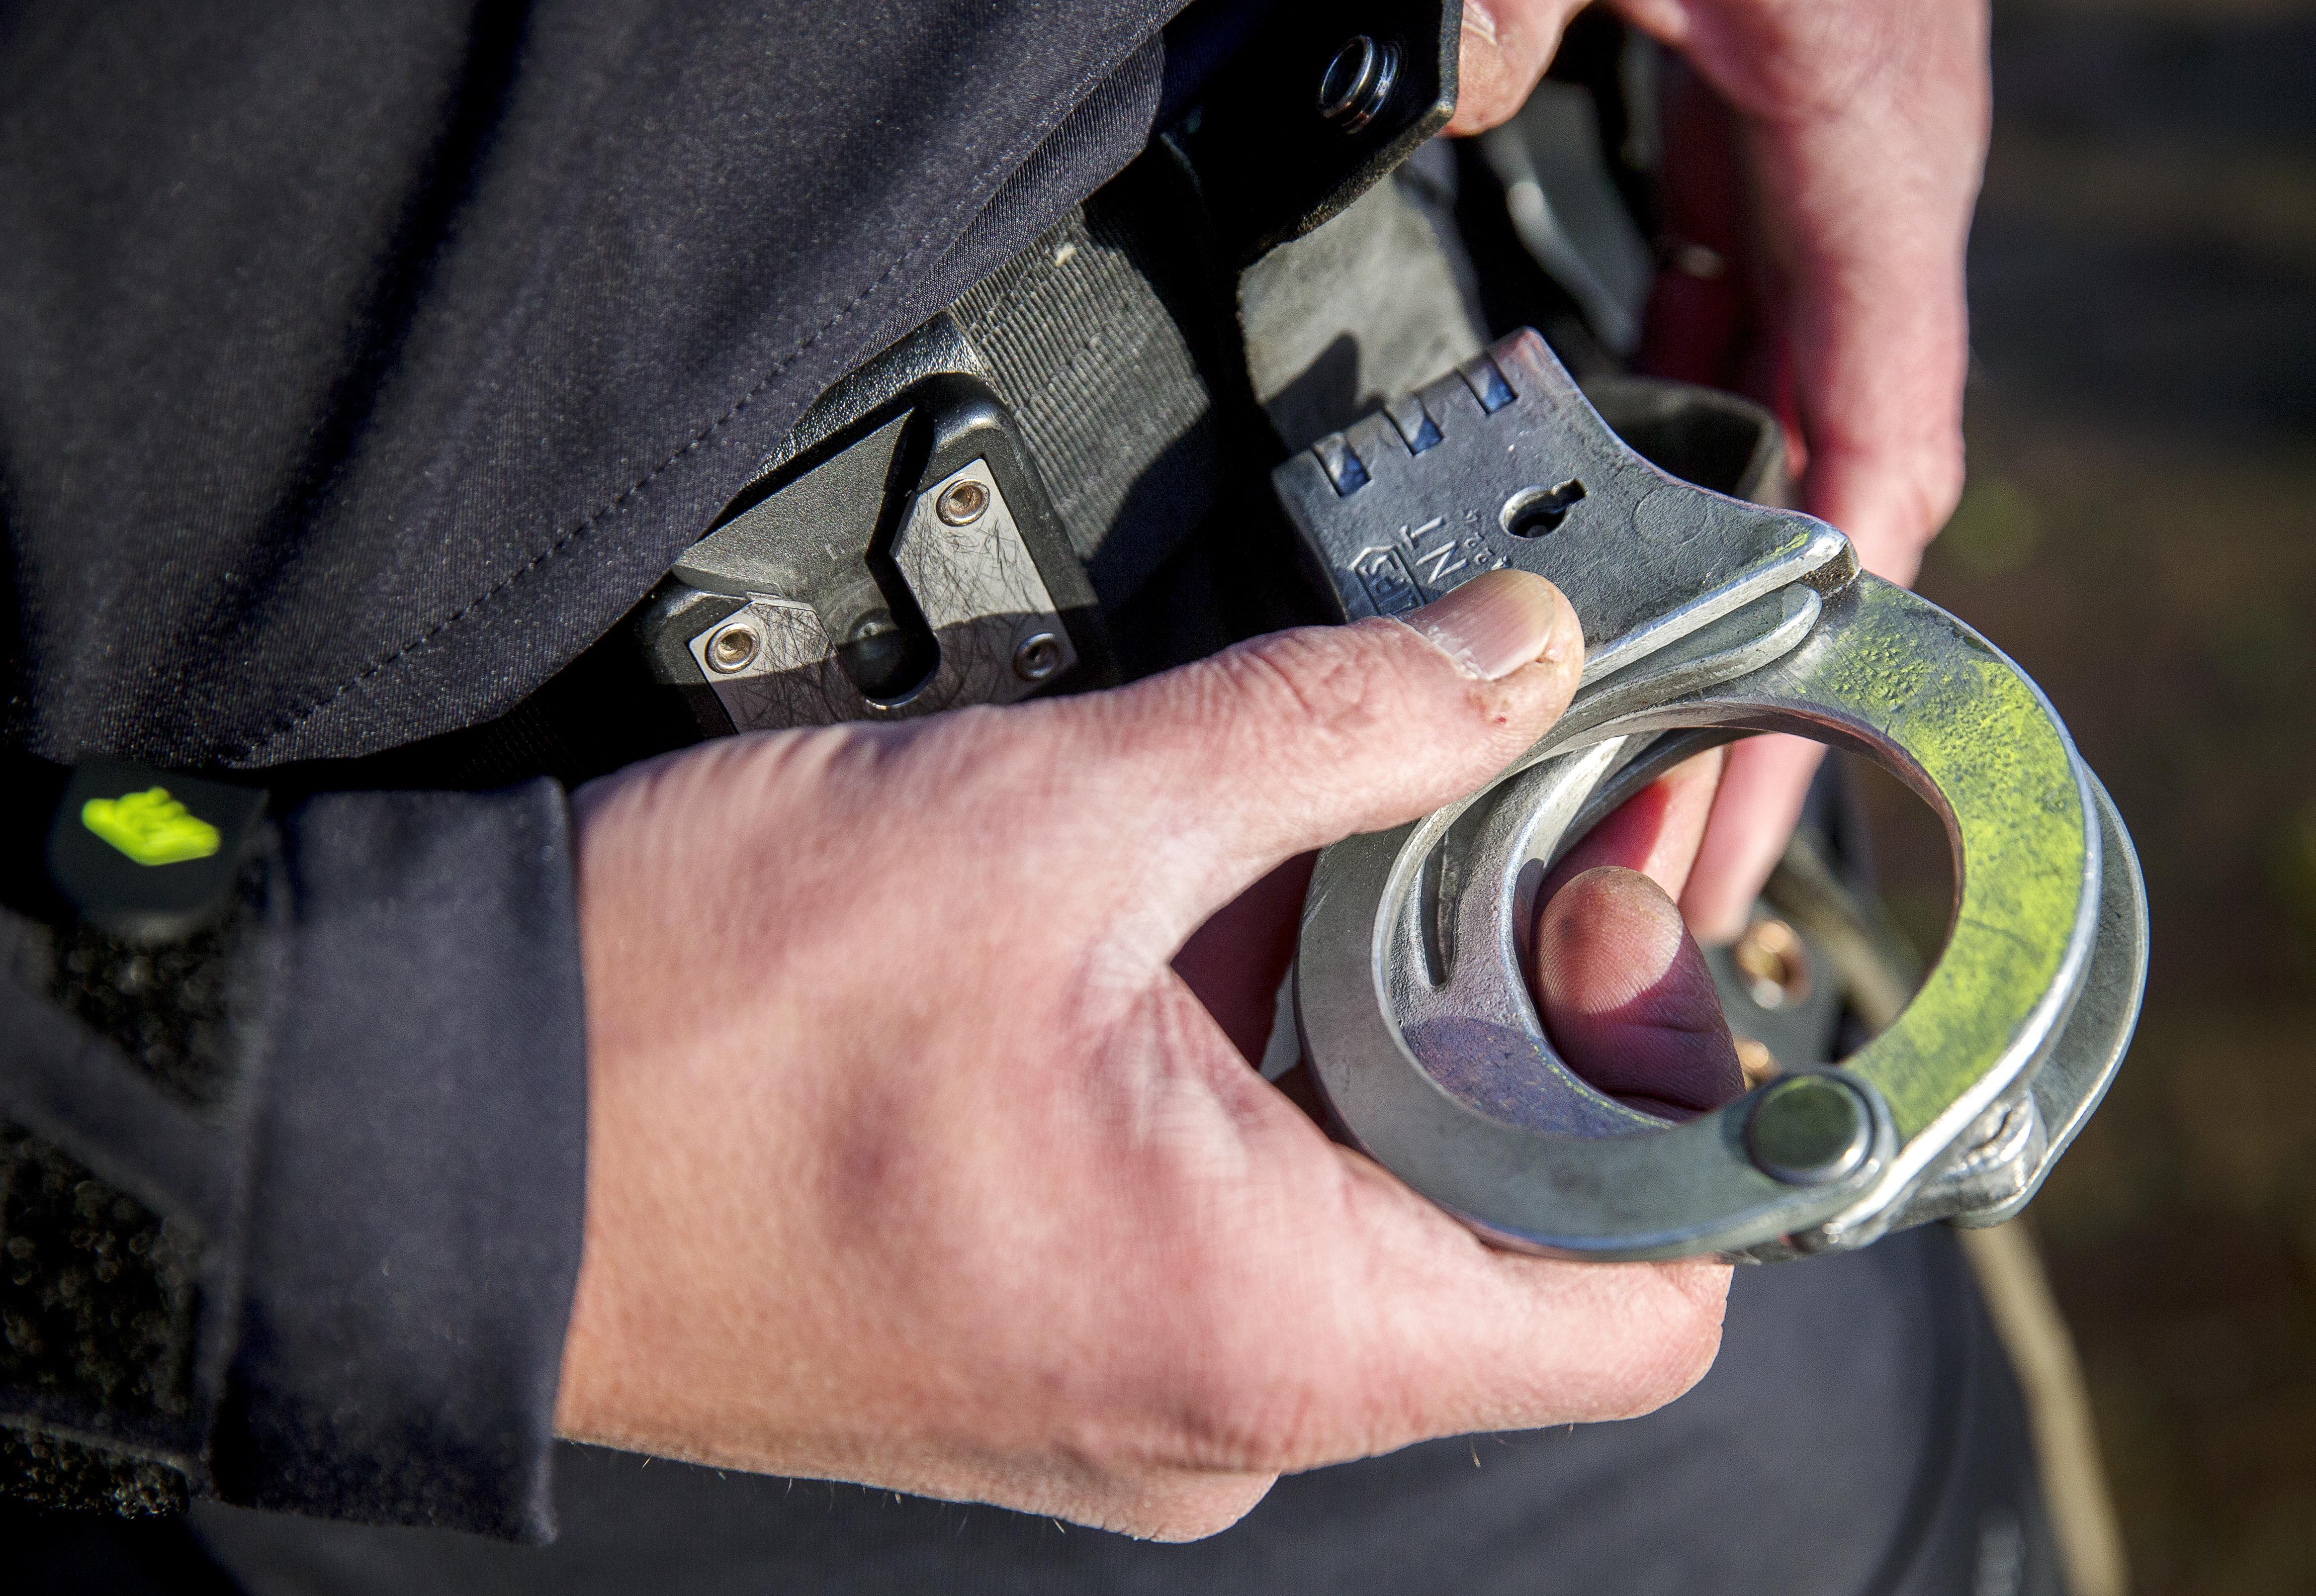 Ruzie op feestje mondt uit in zware mishandeling in Haarlem; viertal aangehouden, slachtoffer naar ziekenhuis